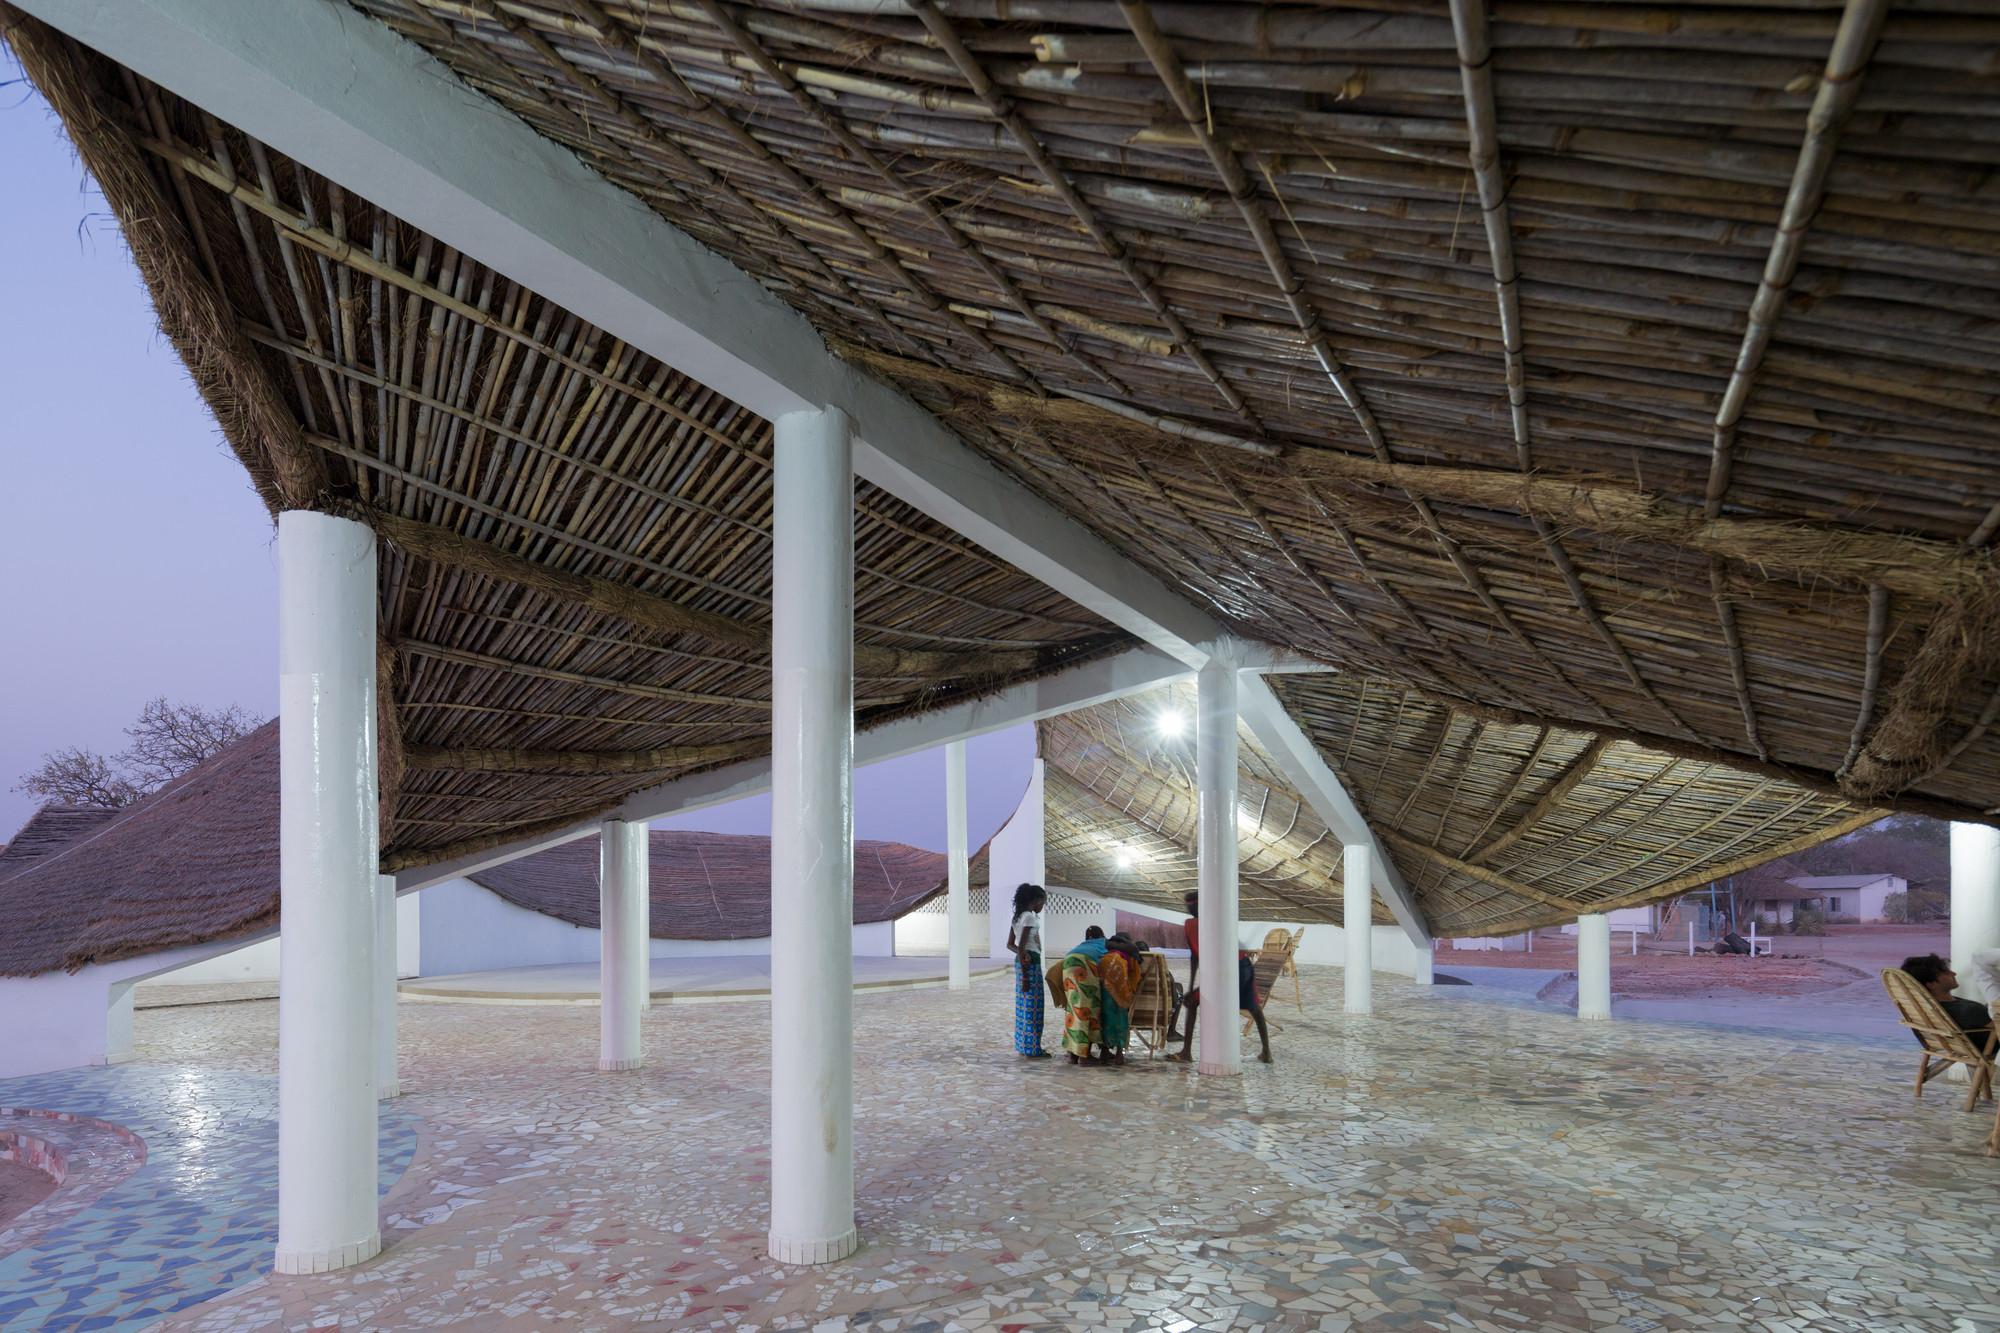 ศูนย์วัฒนธรรมชุมชนในเซเนกัล ดีไซน์สวยแปลกตา..แฝงไว้ด้วยภูมิปัญญาท้องถิ่น